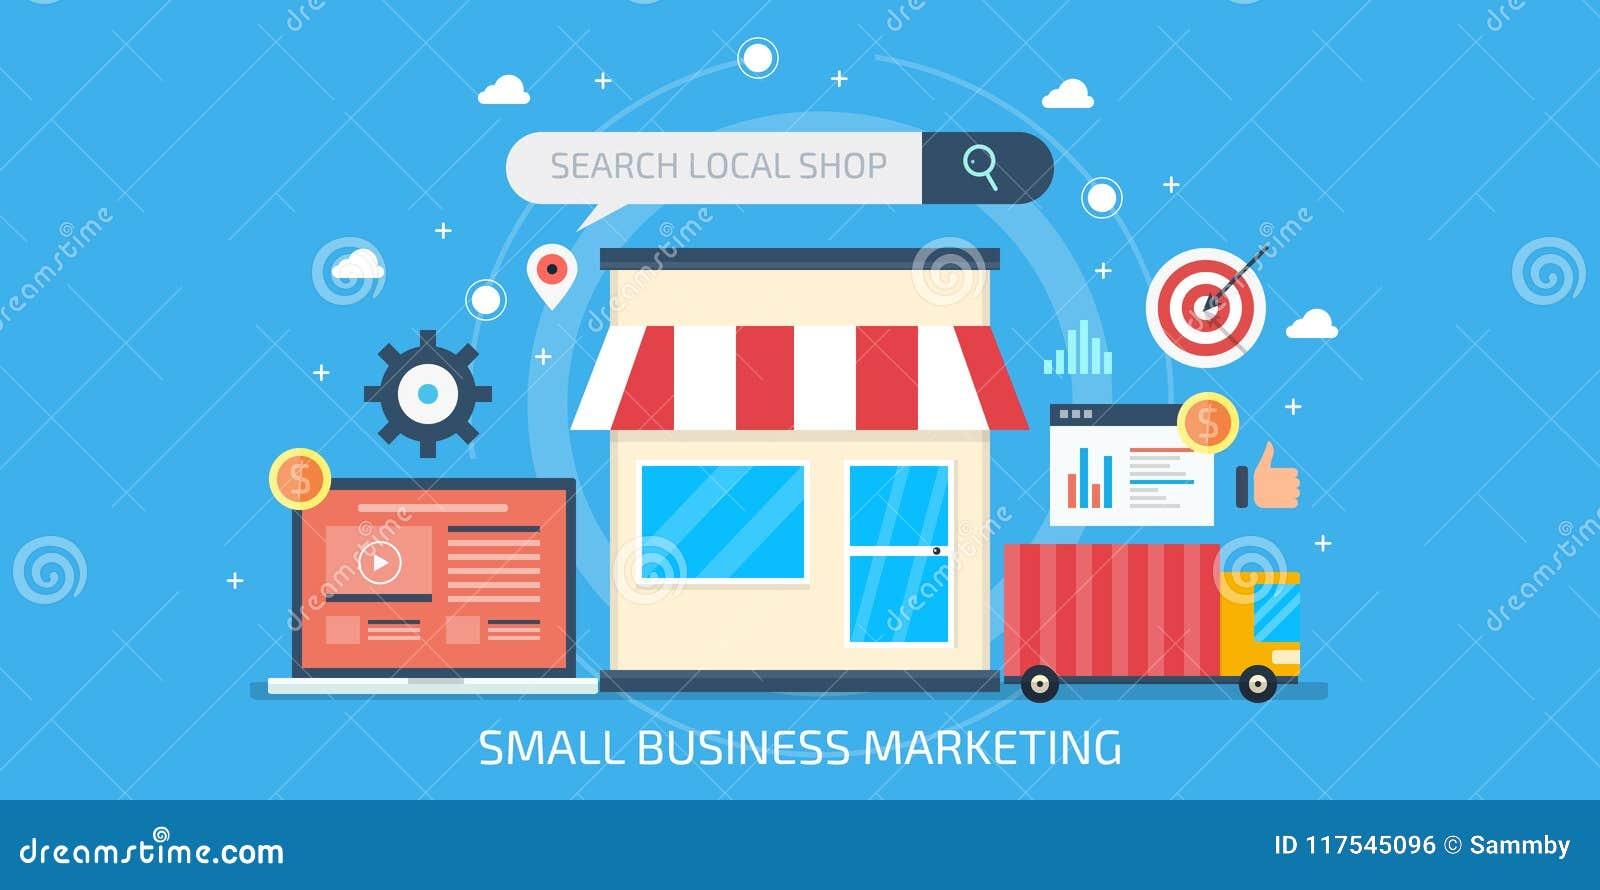 Márketing de la pequeña empresa, optimización local del negocio, márketing del seo, anuncio de Internet para las pequeñas tiendas